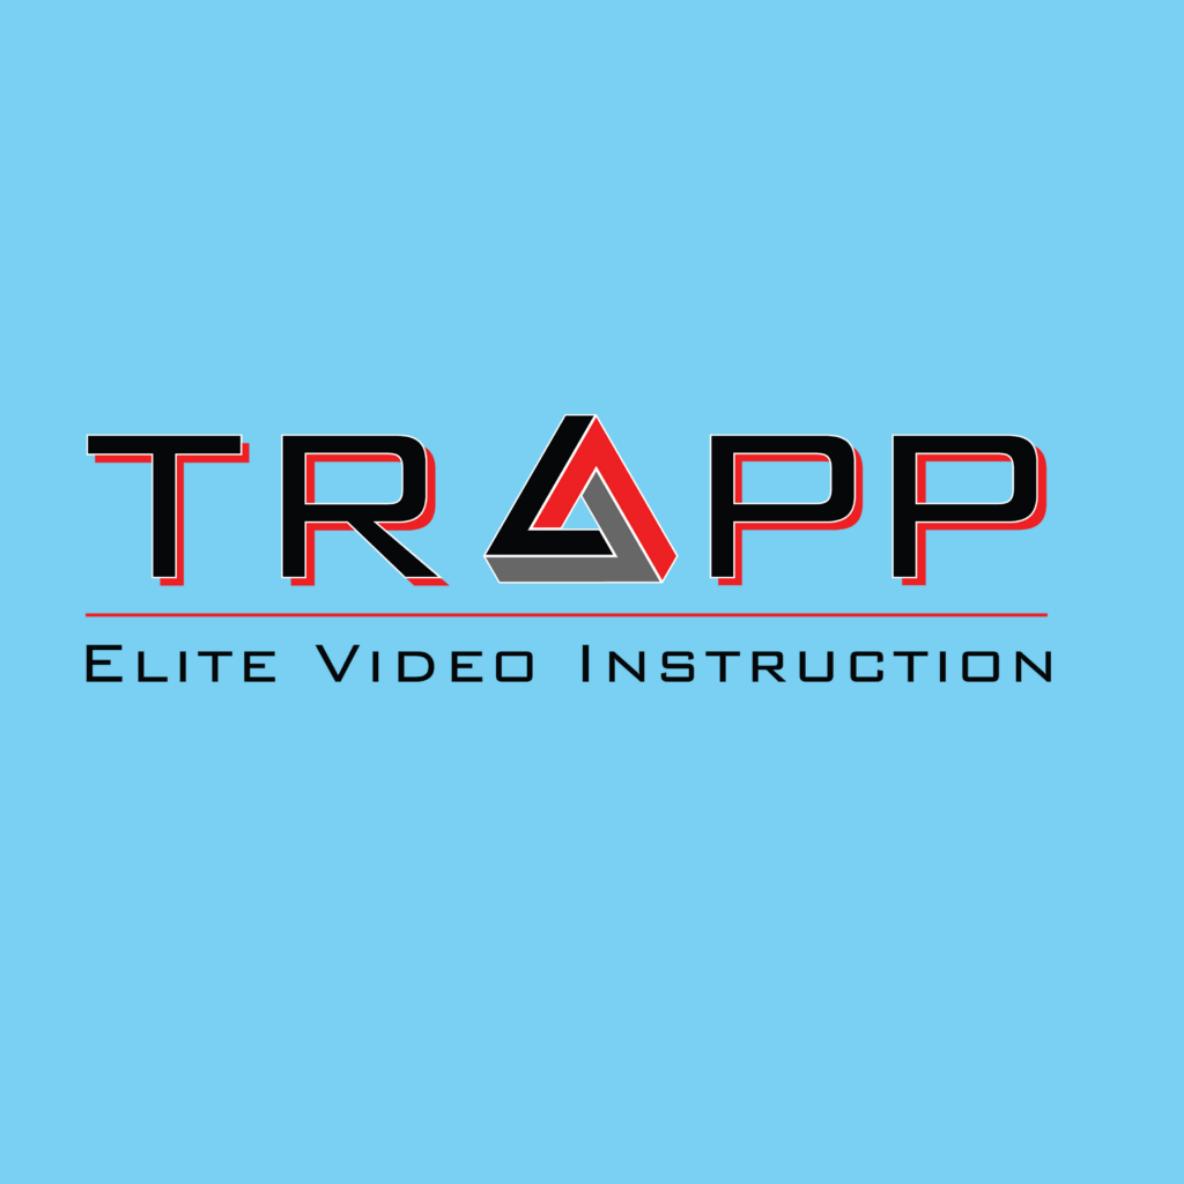 BoBella Branding Agency custom logo design sample for Trapp Elite Video Instruction